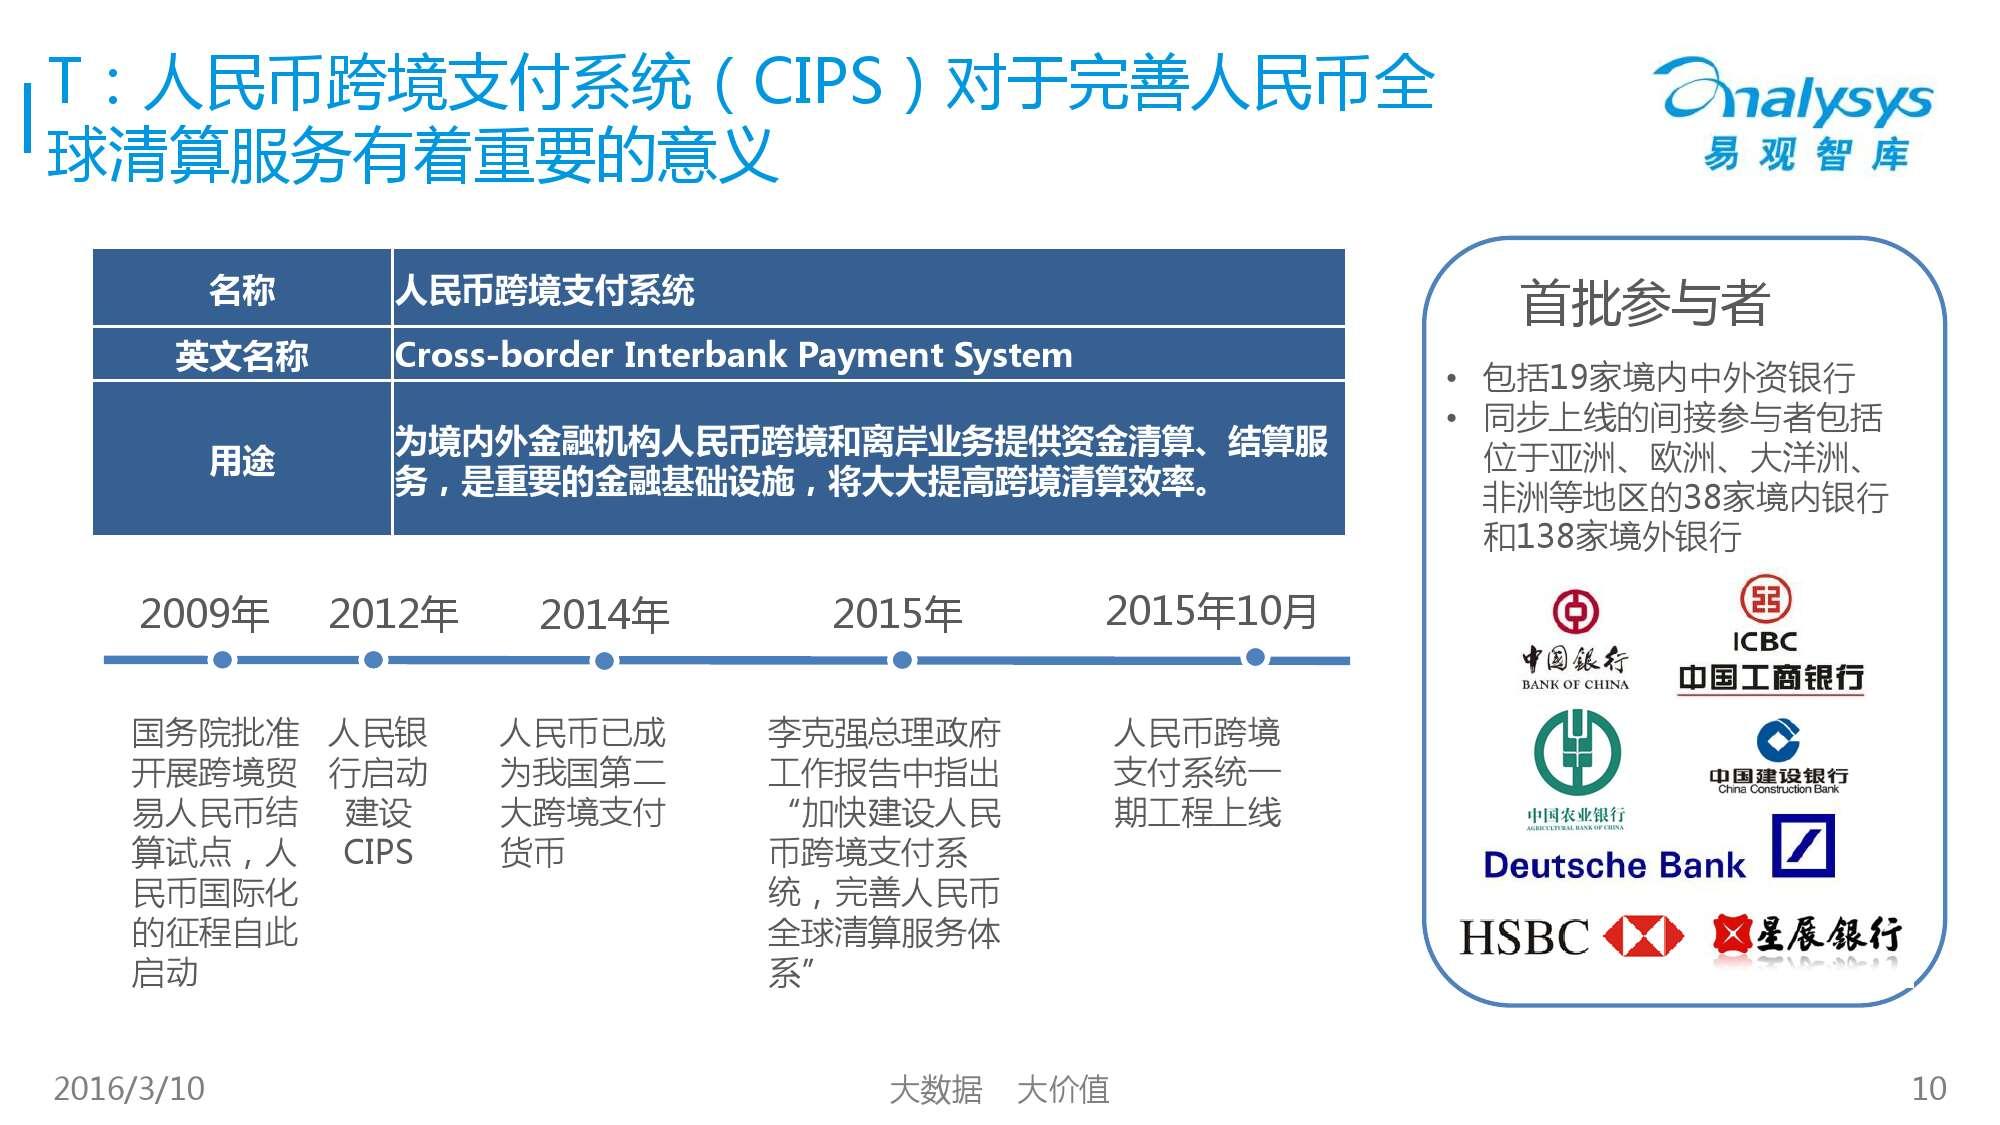 中国跨境支付市场专题研究报告2016_000010